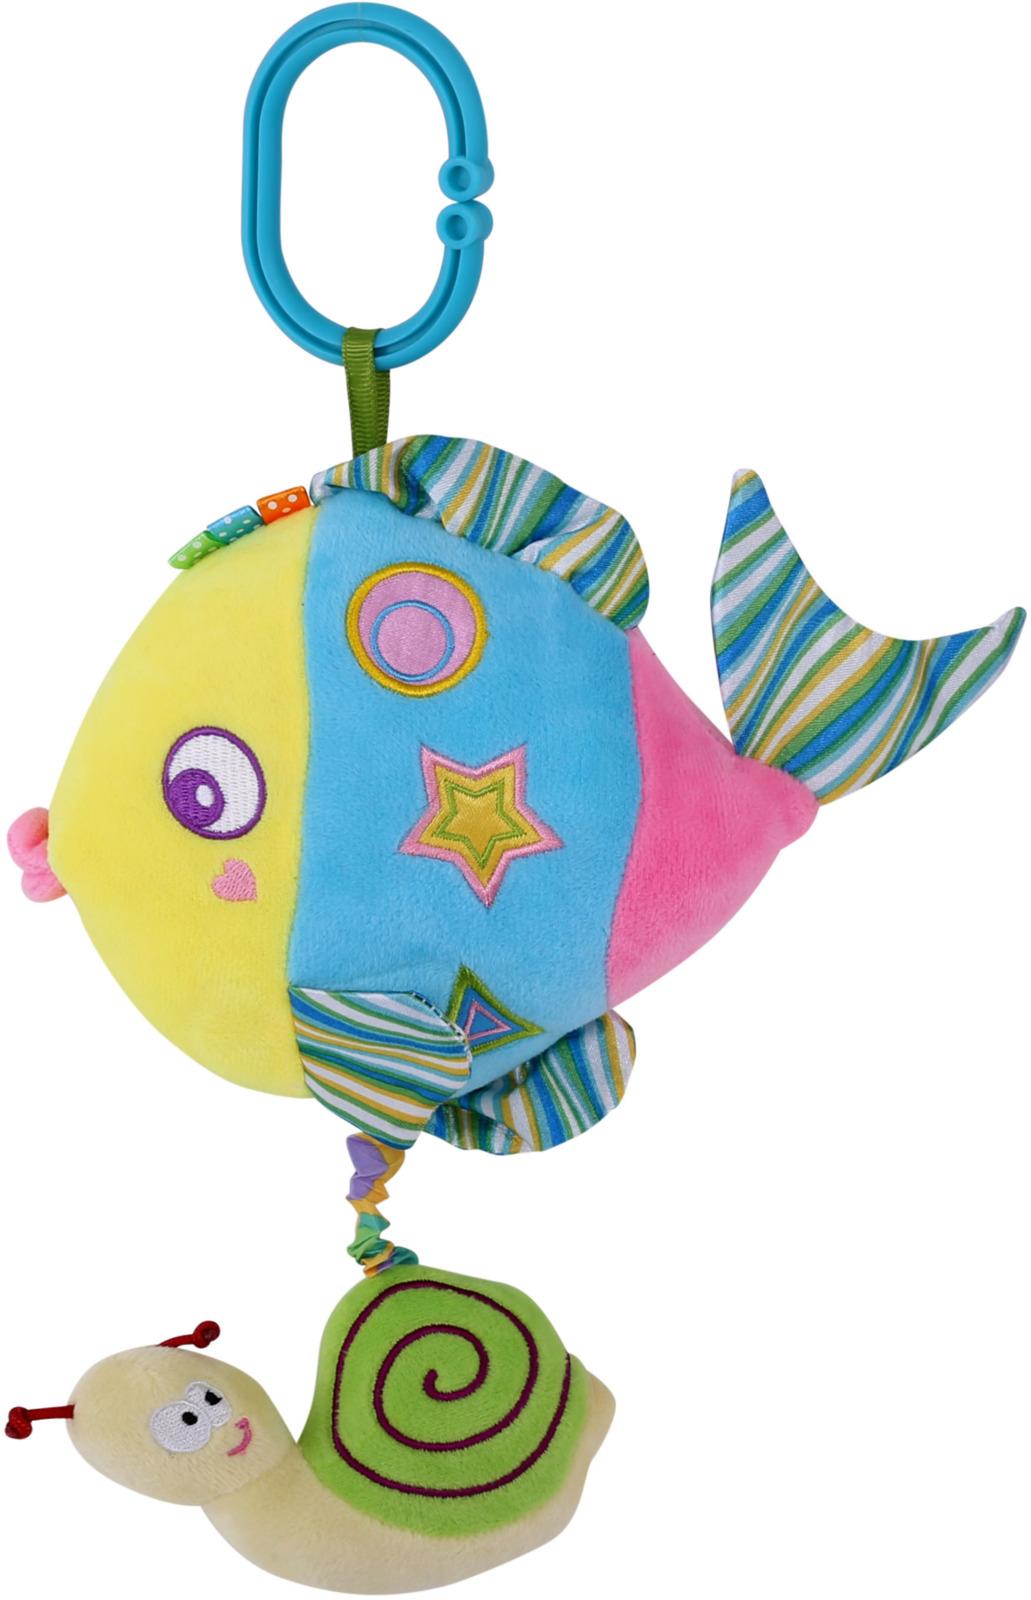 Подвесная музыкальная игрушка Lorelli Toys Разноцветная рыбка. 10191250001 игрушка подвеска lorelli toys 1019112